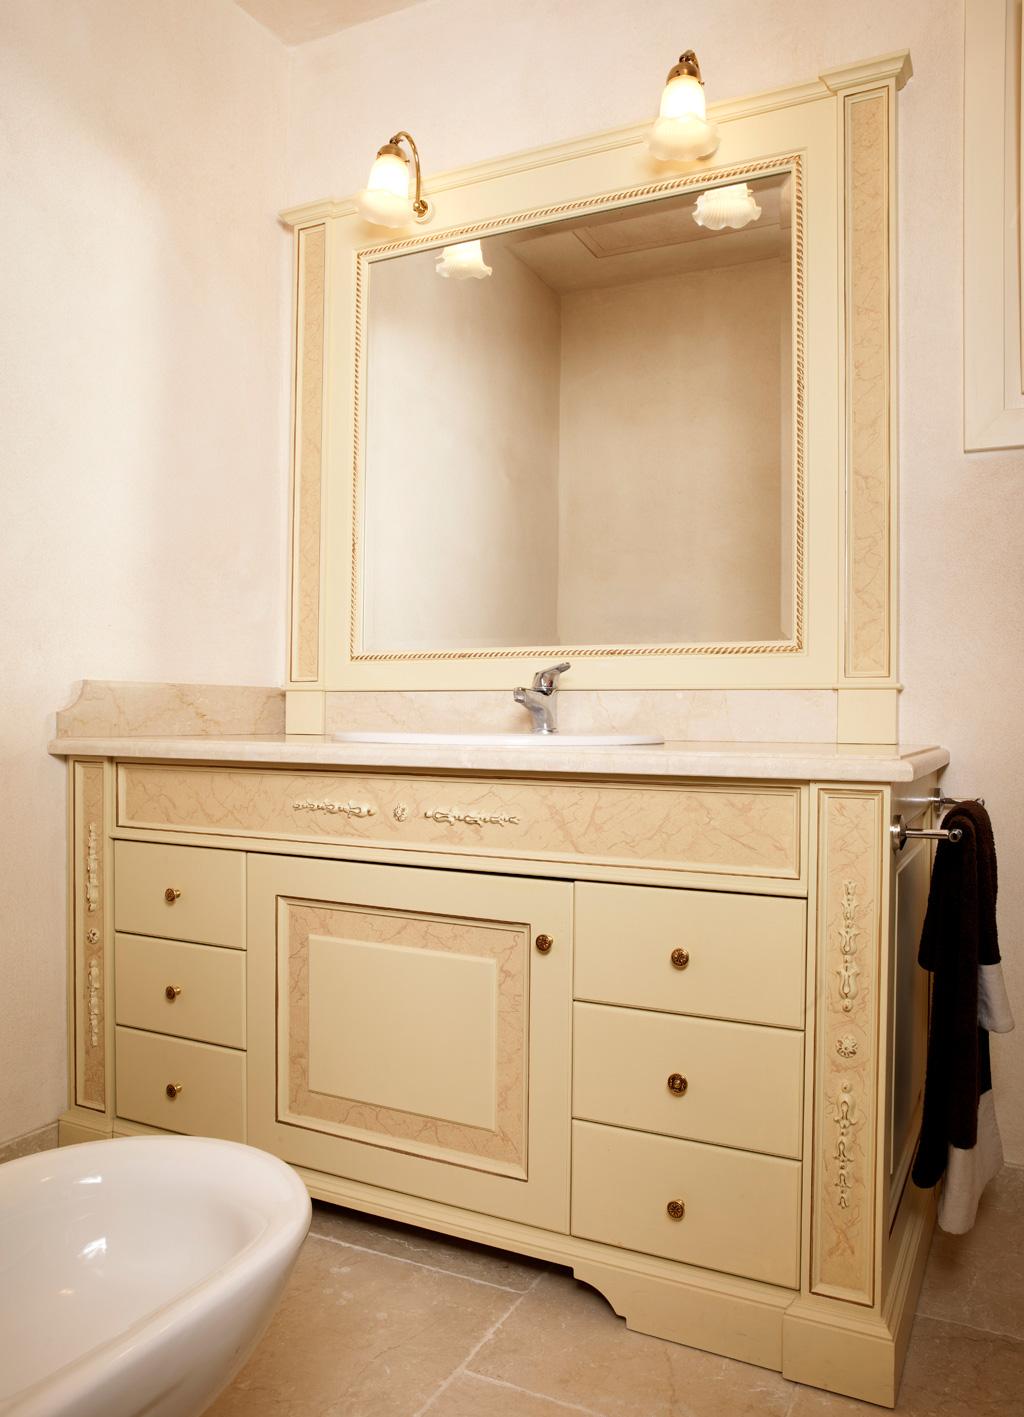 Mobili bagno classici legno perfect e vendita mobili da bagno classico brescia with mobili - Mobili bagno decape ...